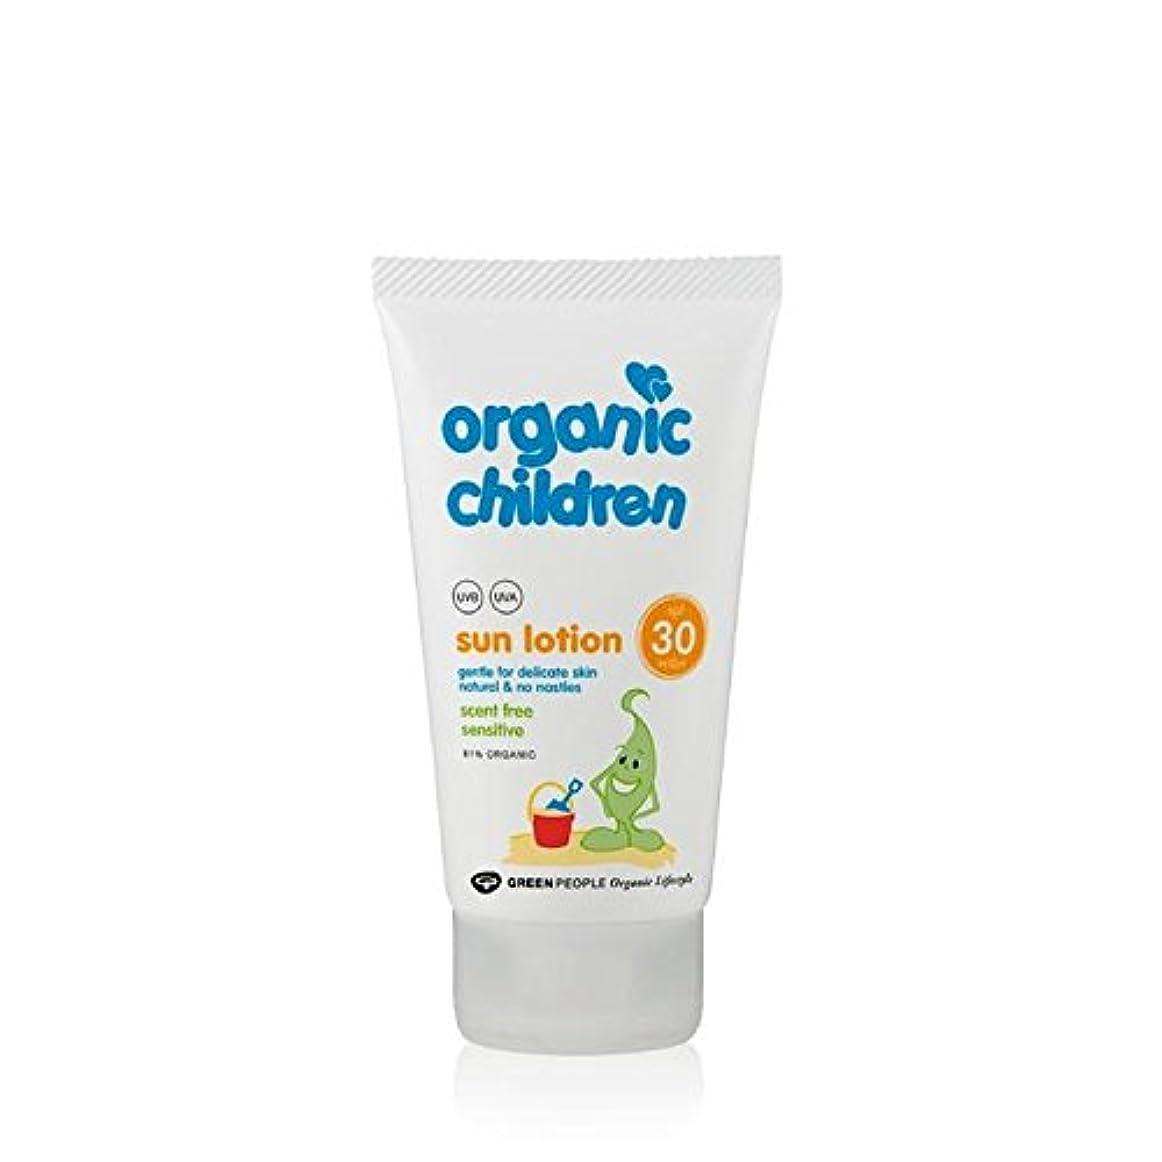 パットチーターセレナ有機子ども30の香り無料のサンローション150 x4 - Organic Children SPF30 Scent Free Sun Lotion 150ml (Pack of 4) [並行輸入品]